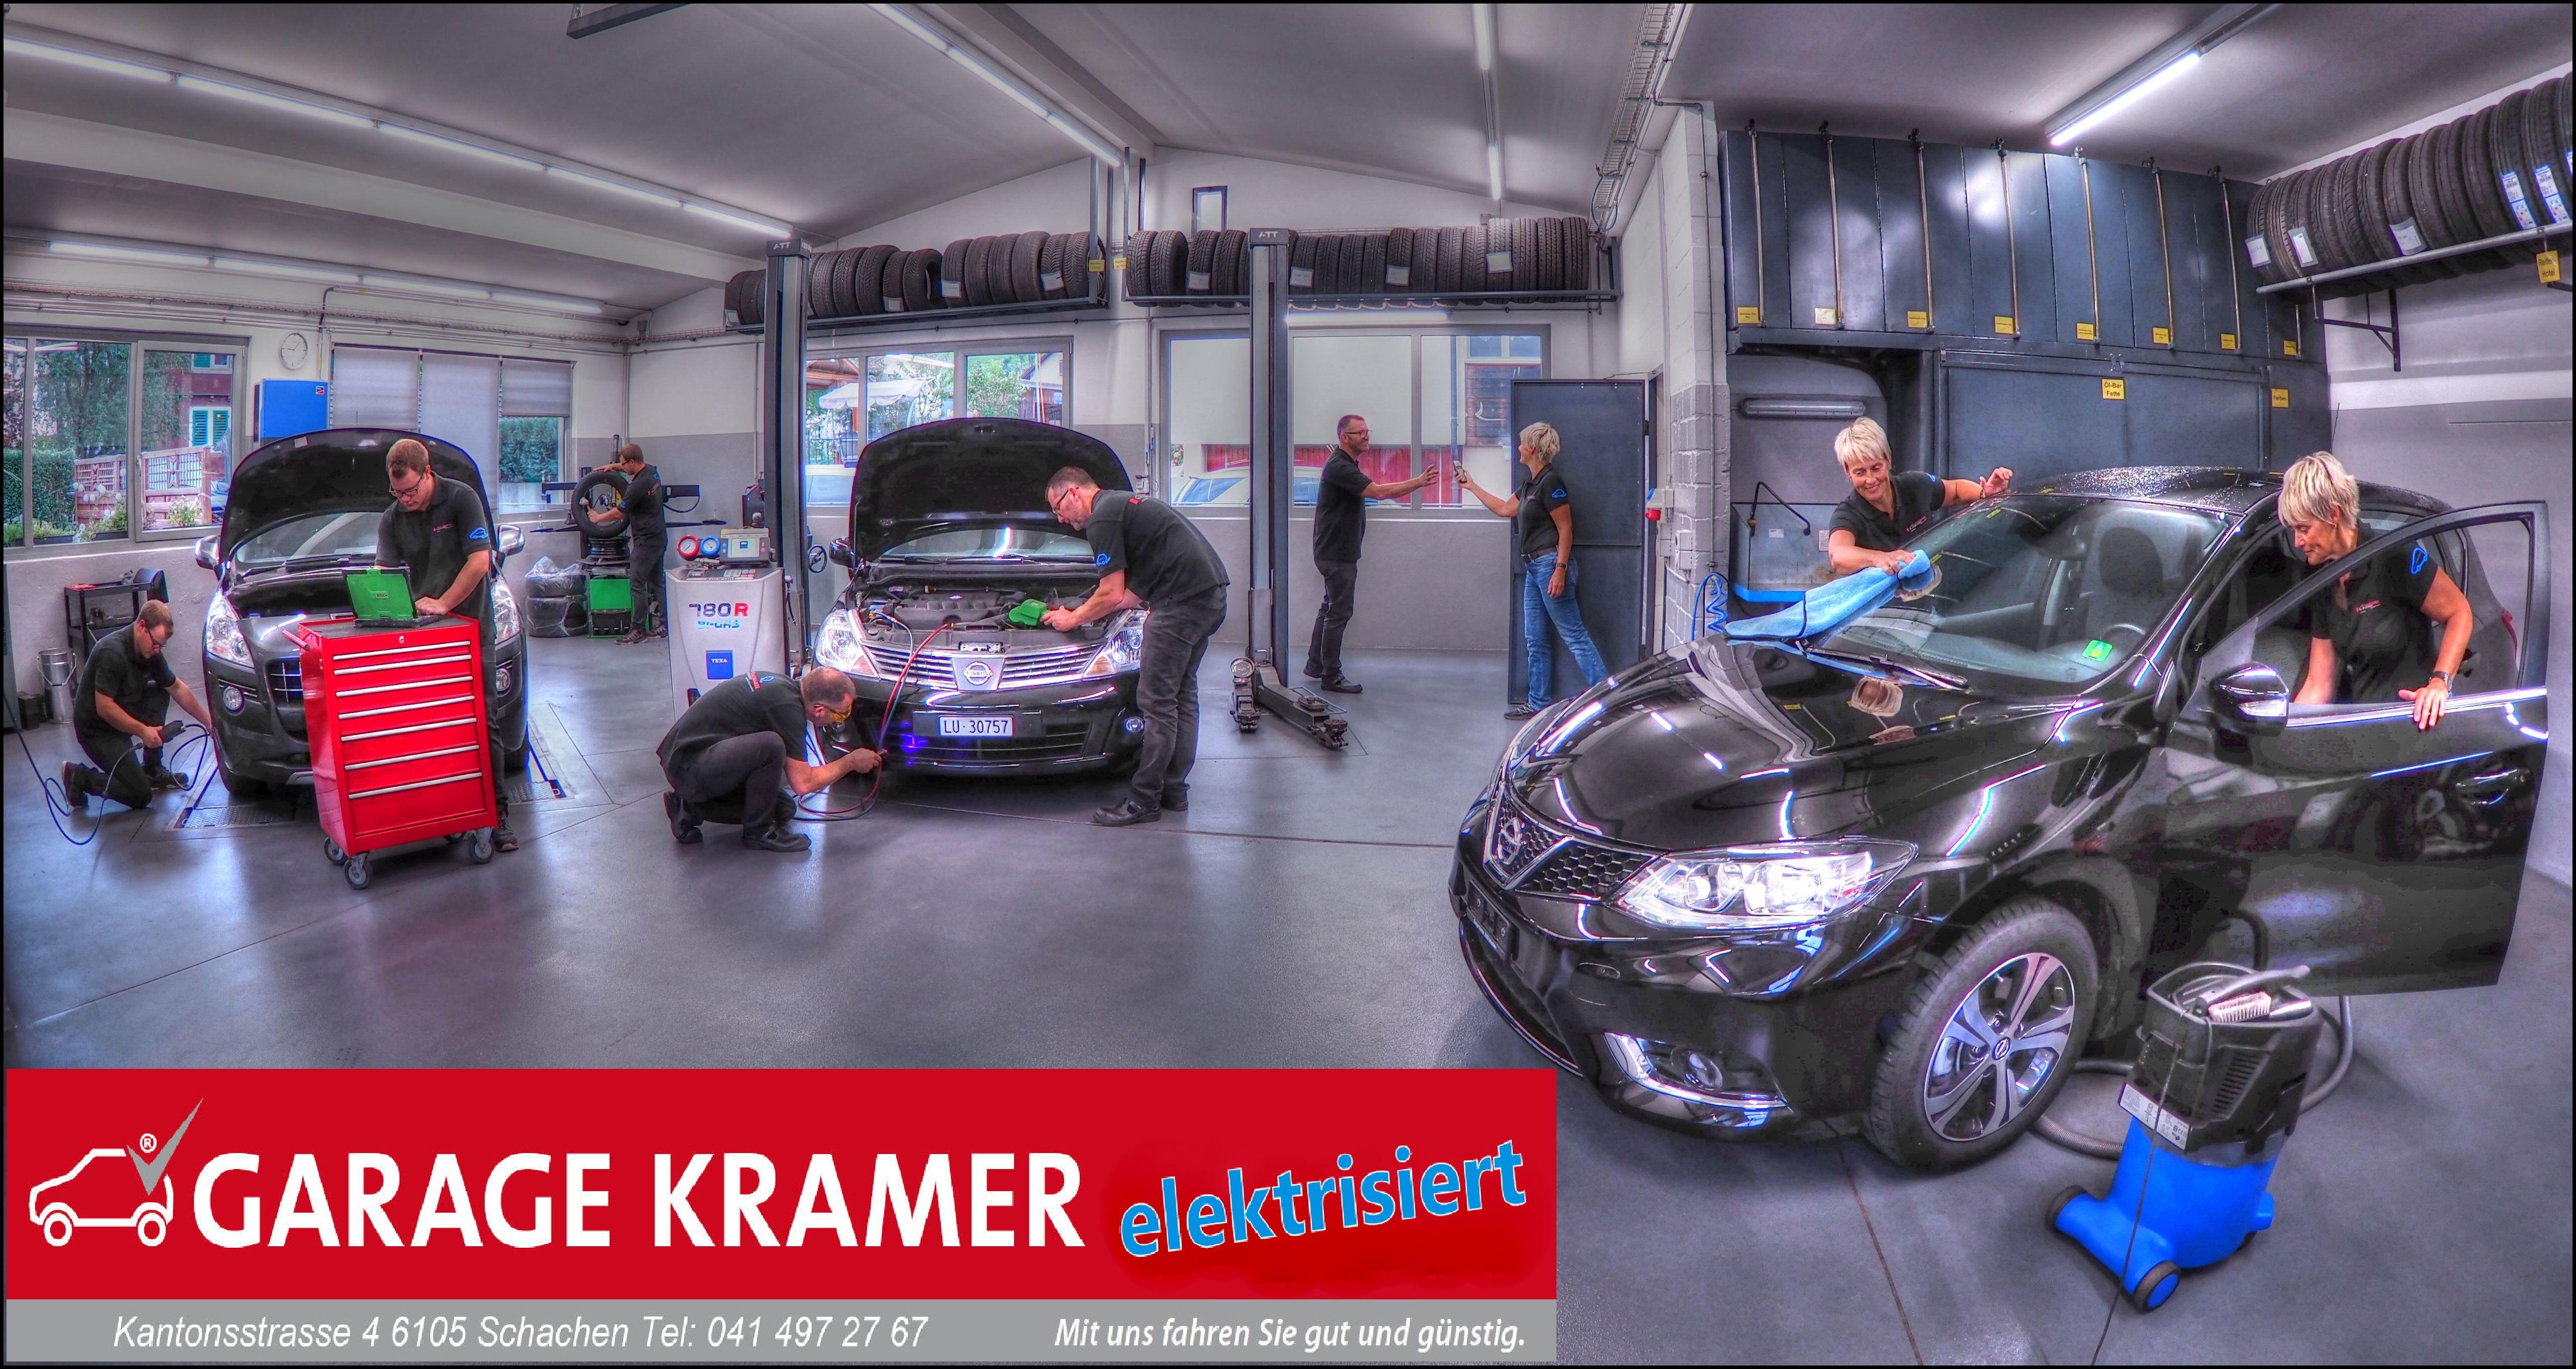 Garage Kramer